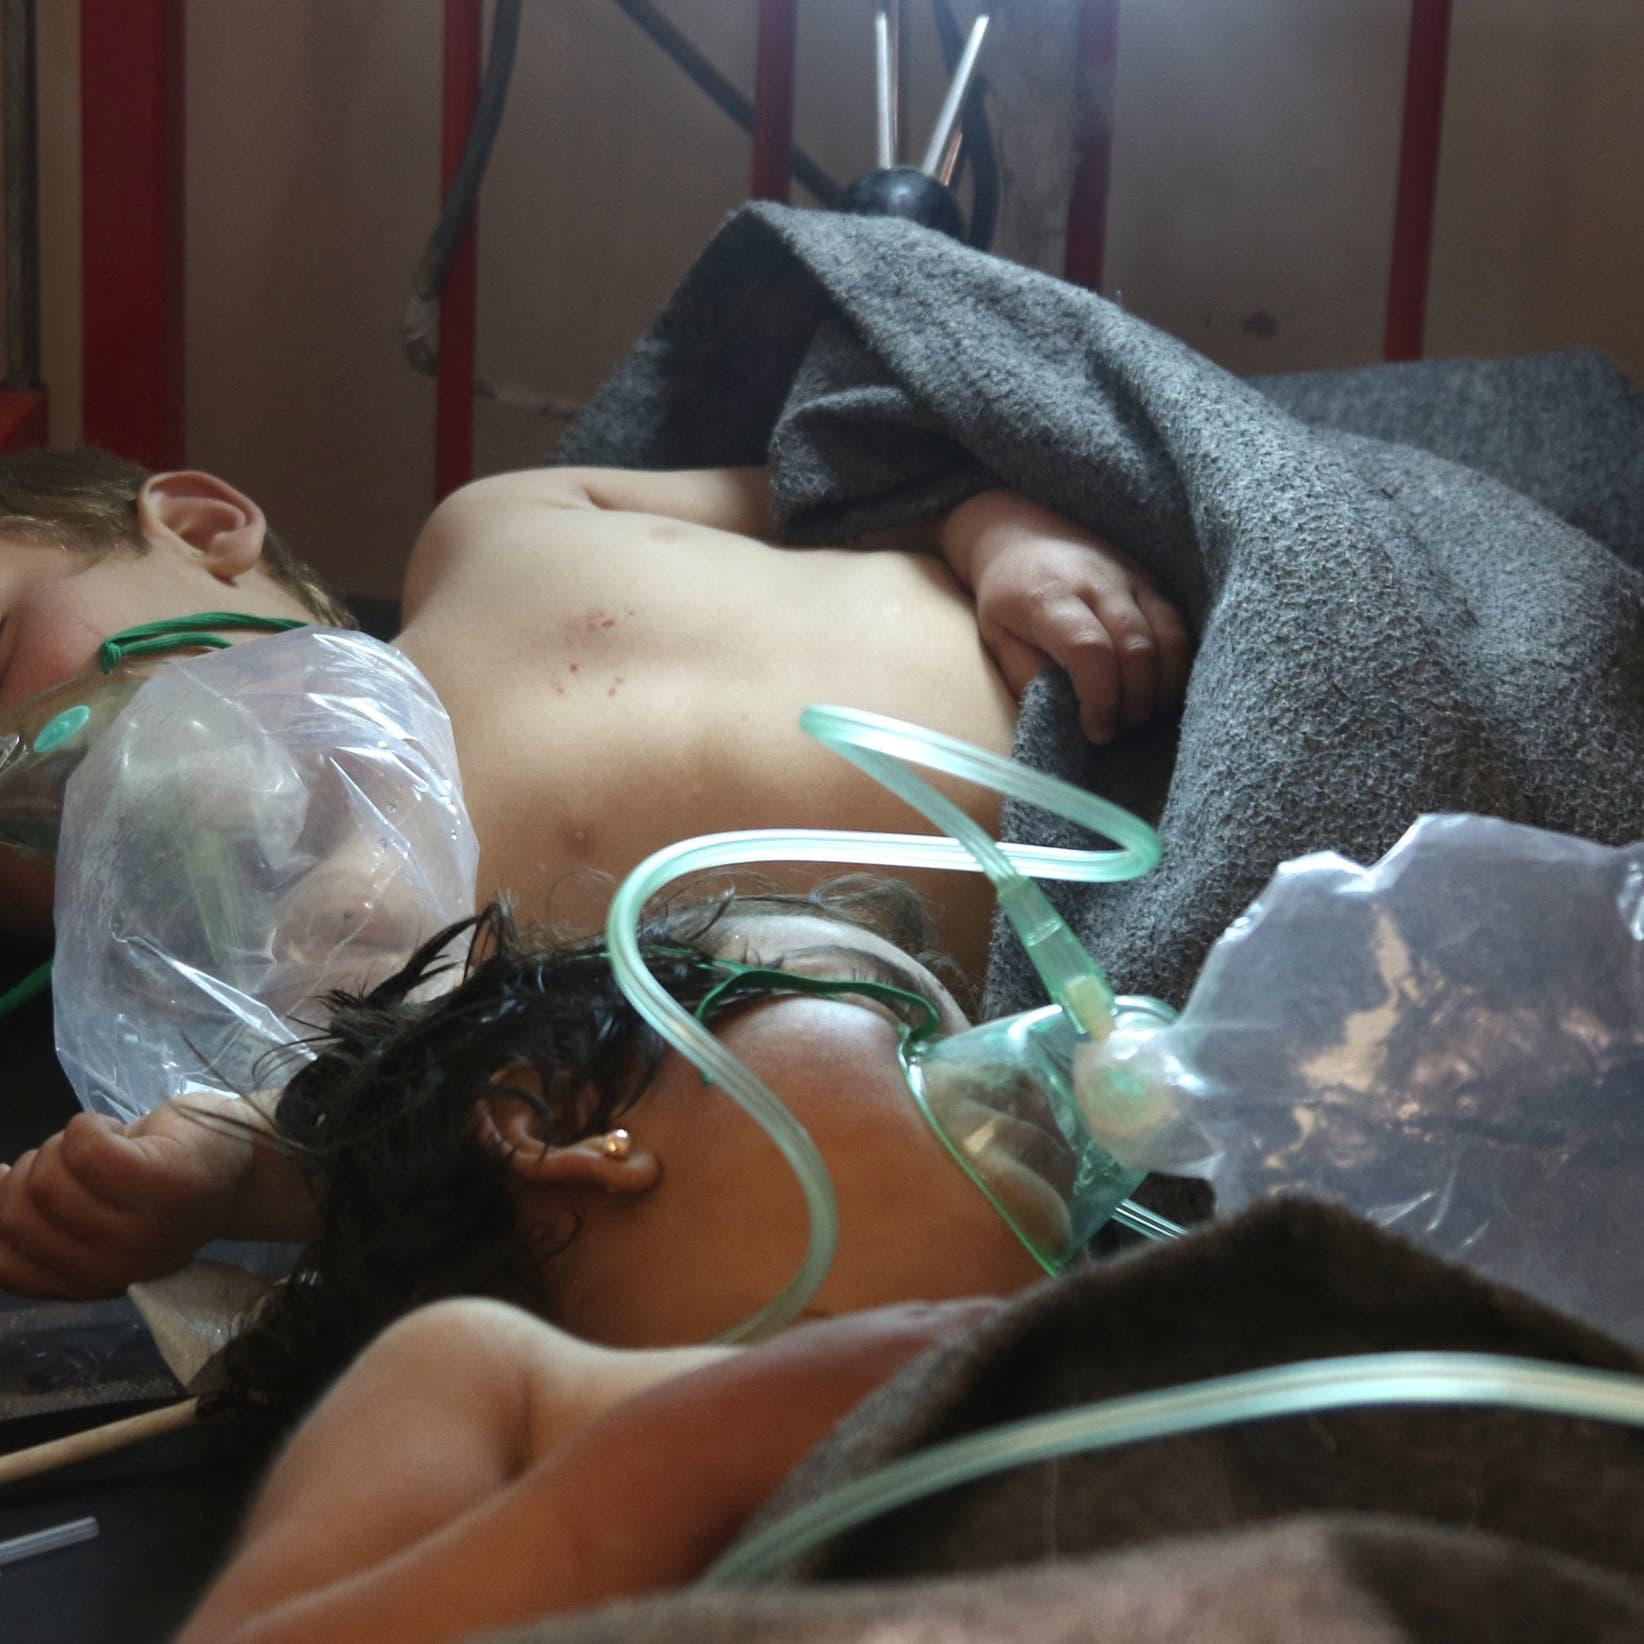 شكوى جنائية في السويد ضد نظام الأسد بسبب هجمات الكيمياوي